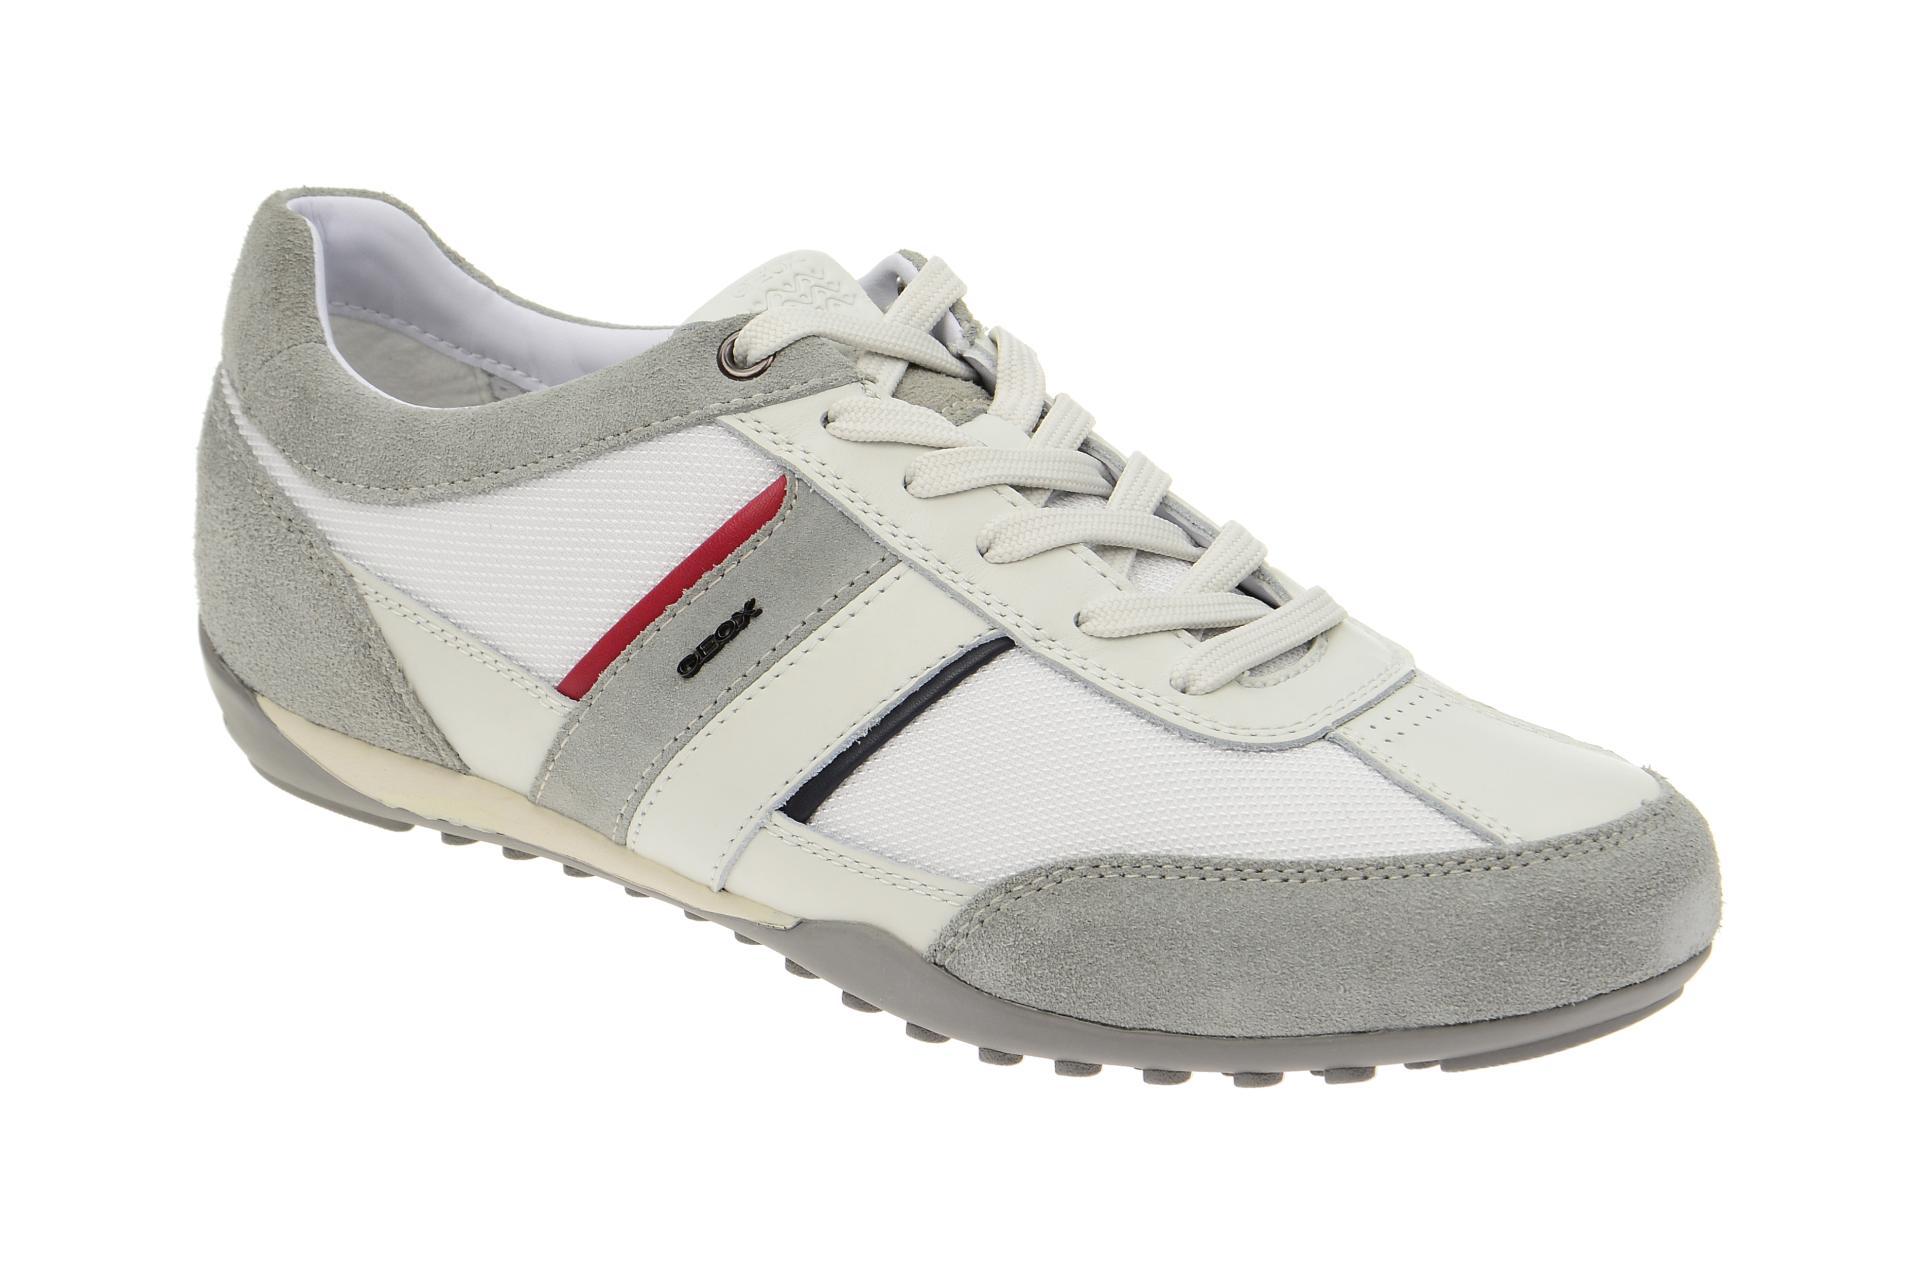 Geox 02211 Sportliche Details C0130 Herrenschuhe U52t5c Schuhe Weiß Zu Halbschuhe Wells K1cTFJl